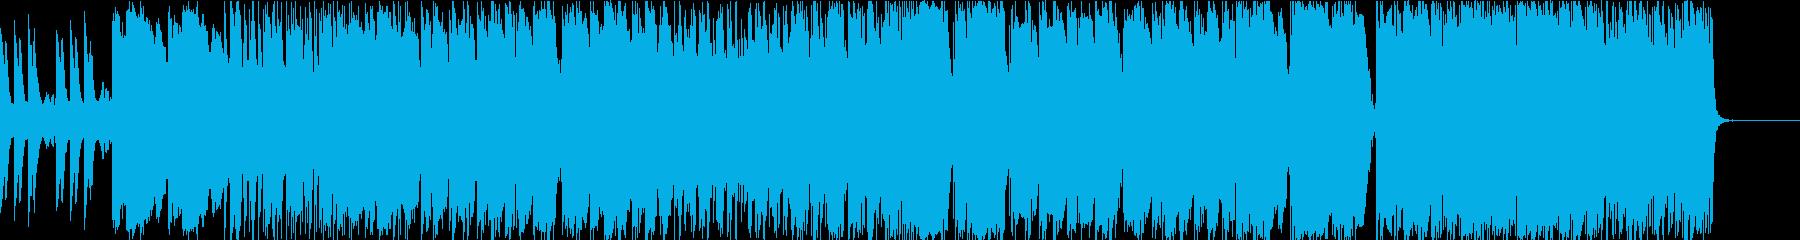 民謡で悲しい曲の再生済みの波形